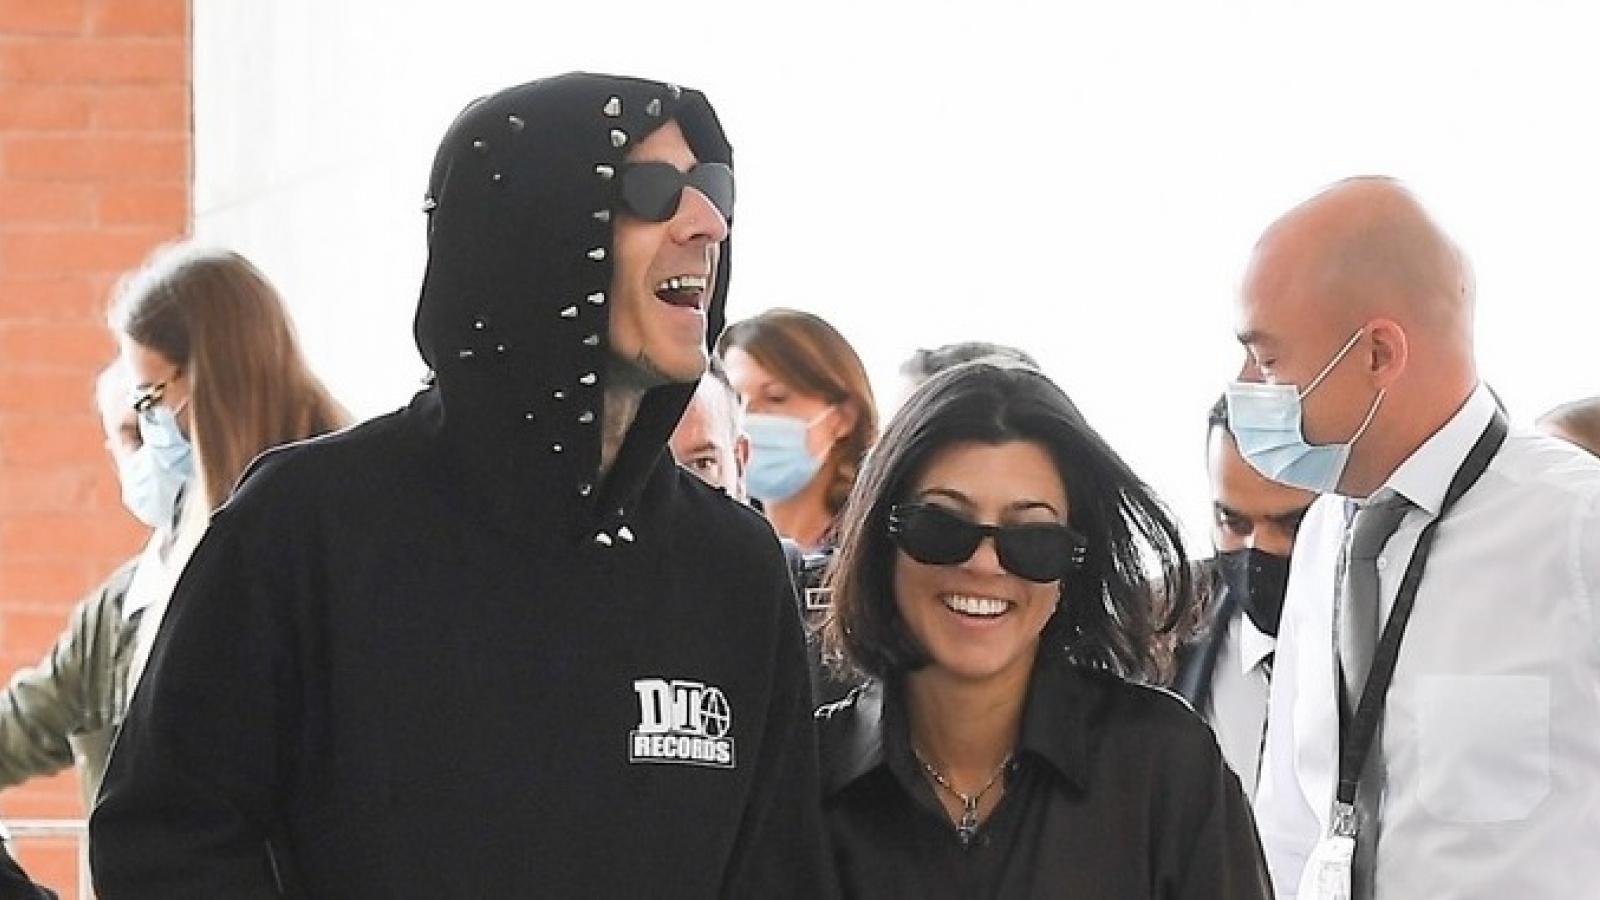 Chị gái Kim Kardashian và tình trẻ phối đồ đồng điệu đi chơi ở Ý